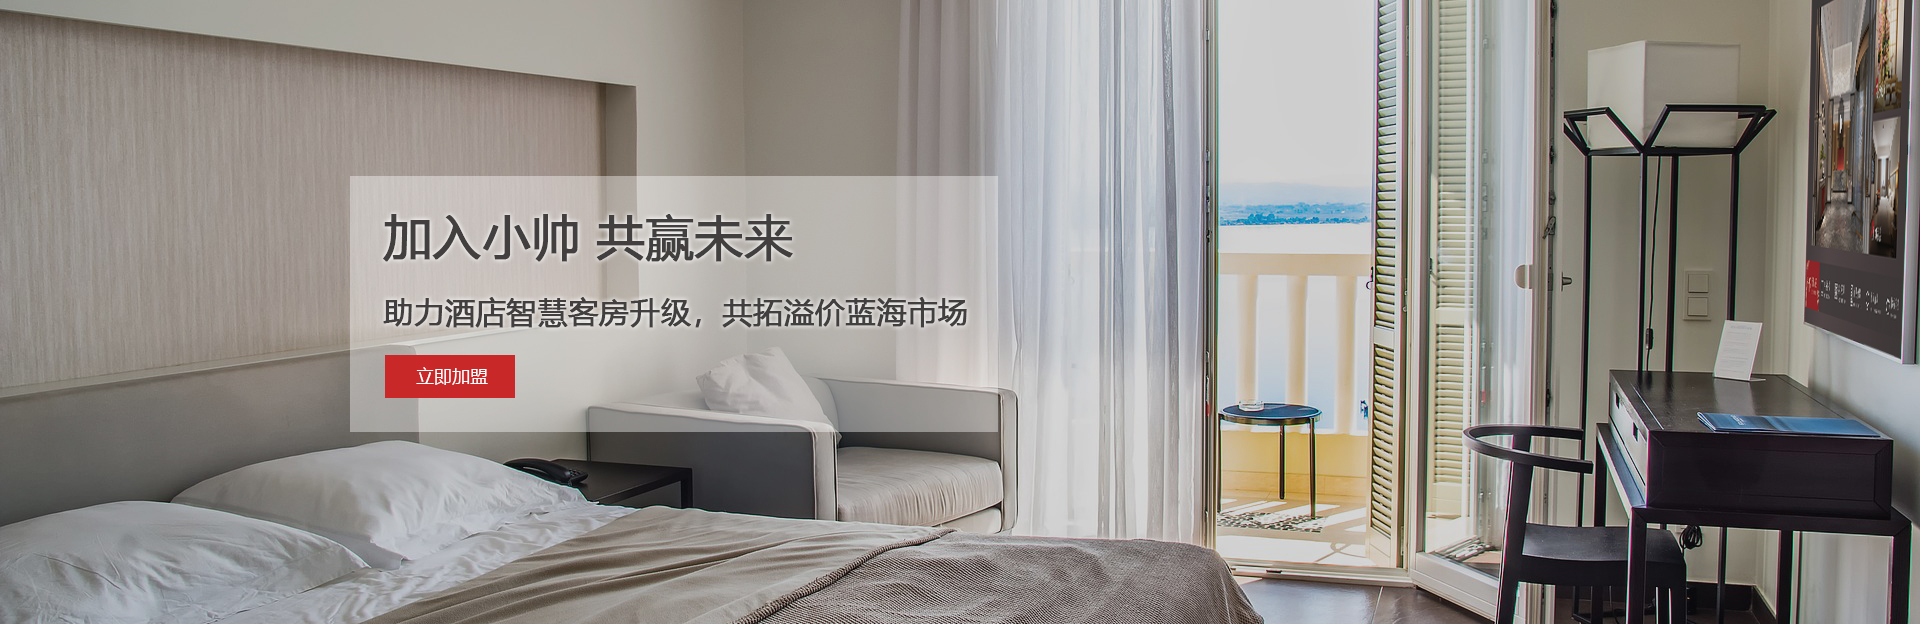 加盟小帅,进驻万亿级智慧酒店新蓝海市场